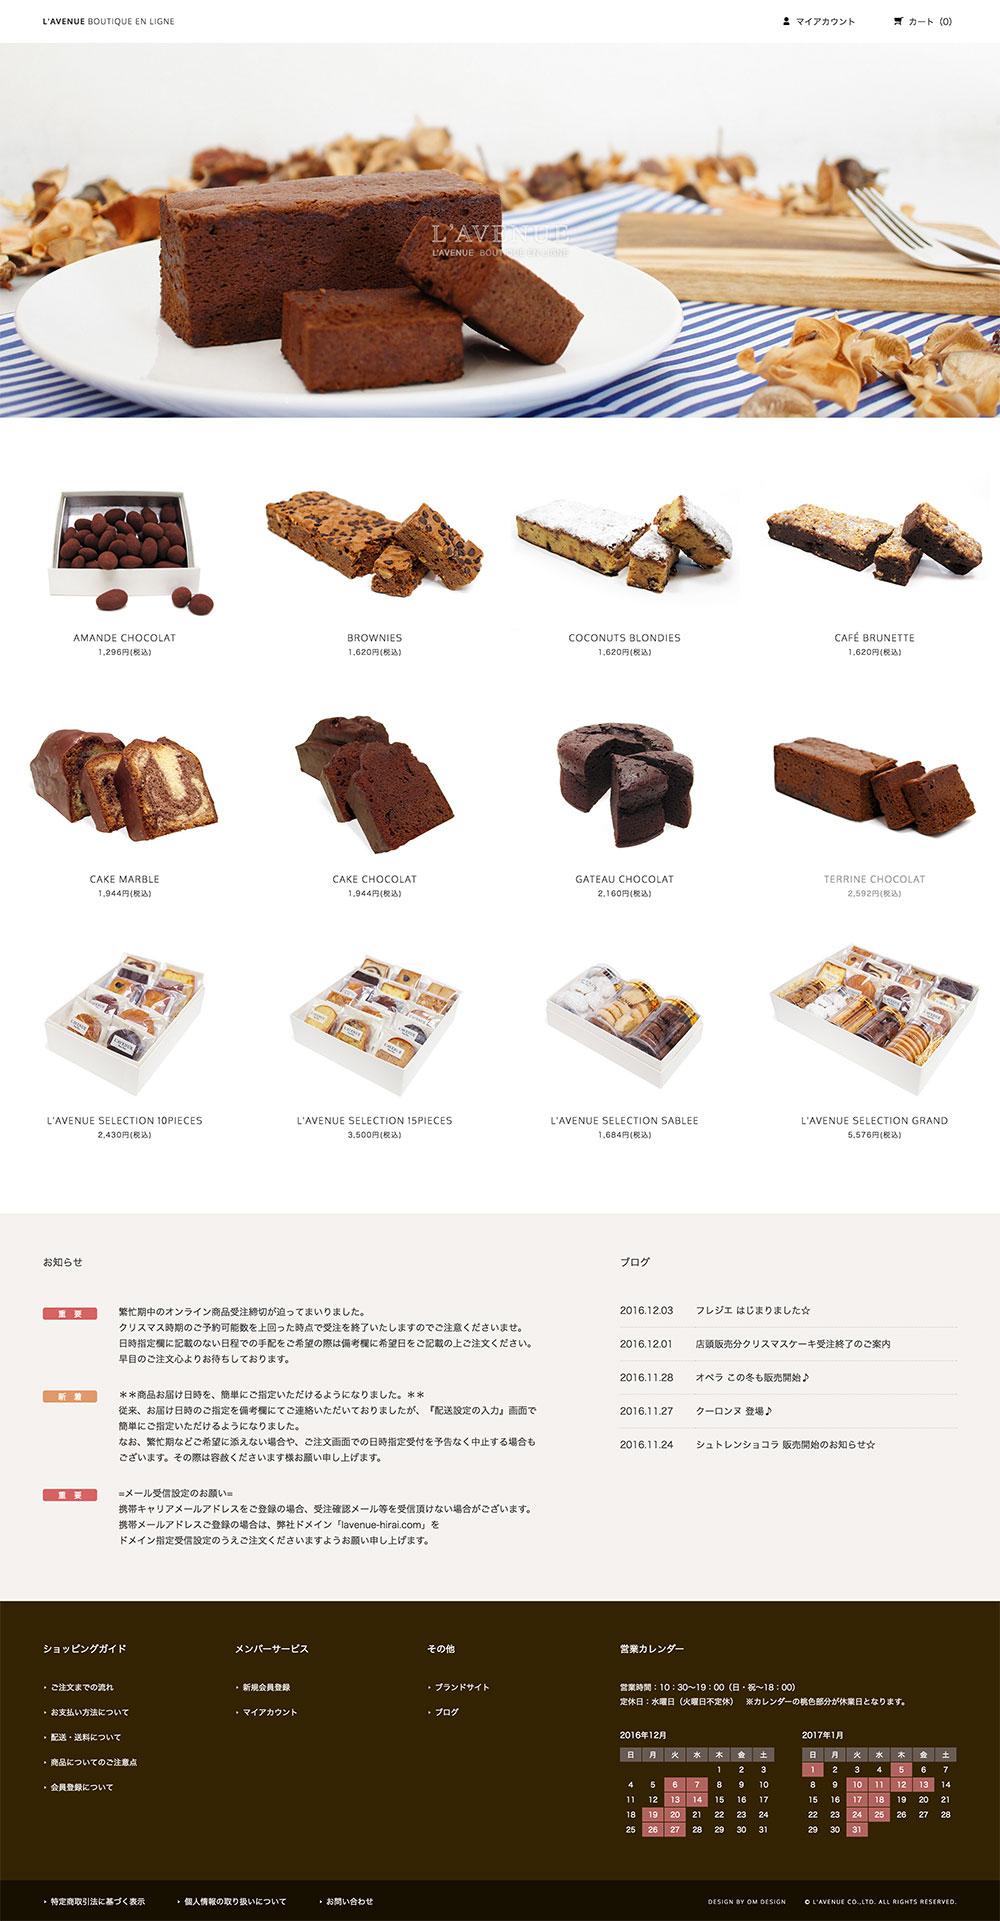 神戸北野の洋菓子・スイーツ・チョコレートのお店 L AVENUE(ラヴニュー)のオンラインショップ|L AVENUE Boutique En Ligne